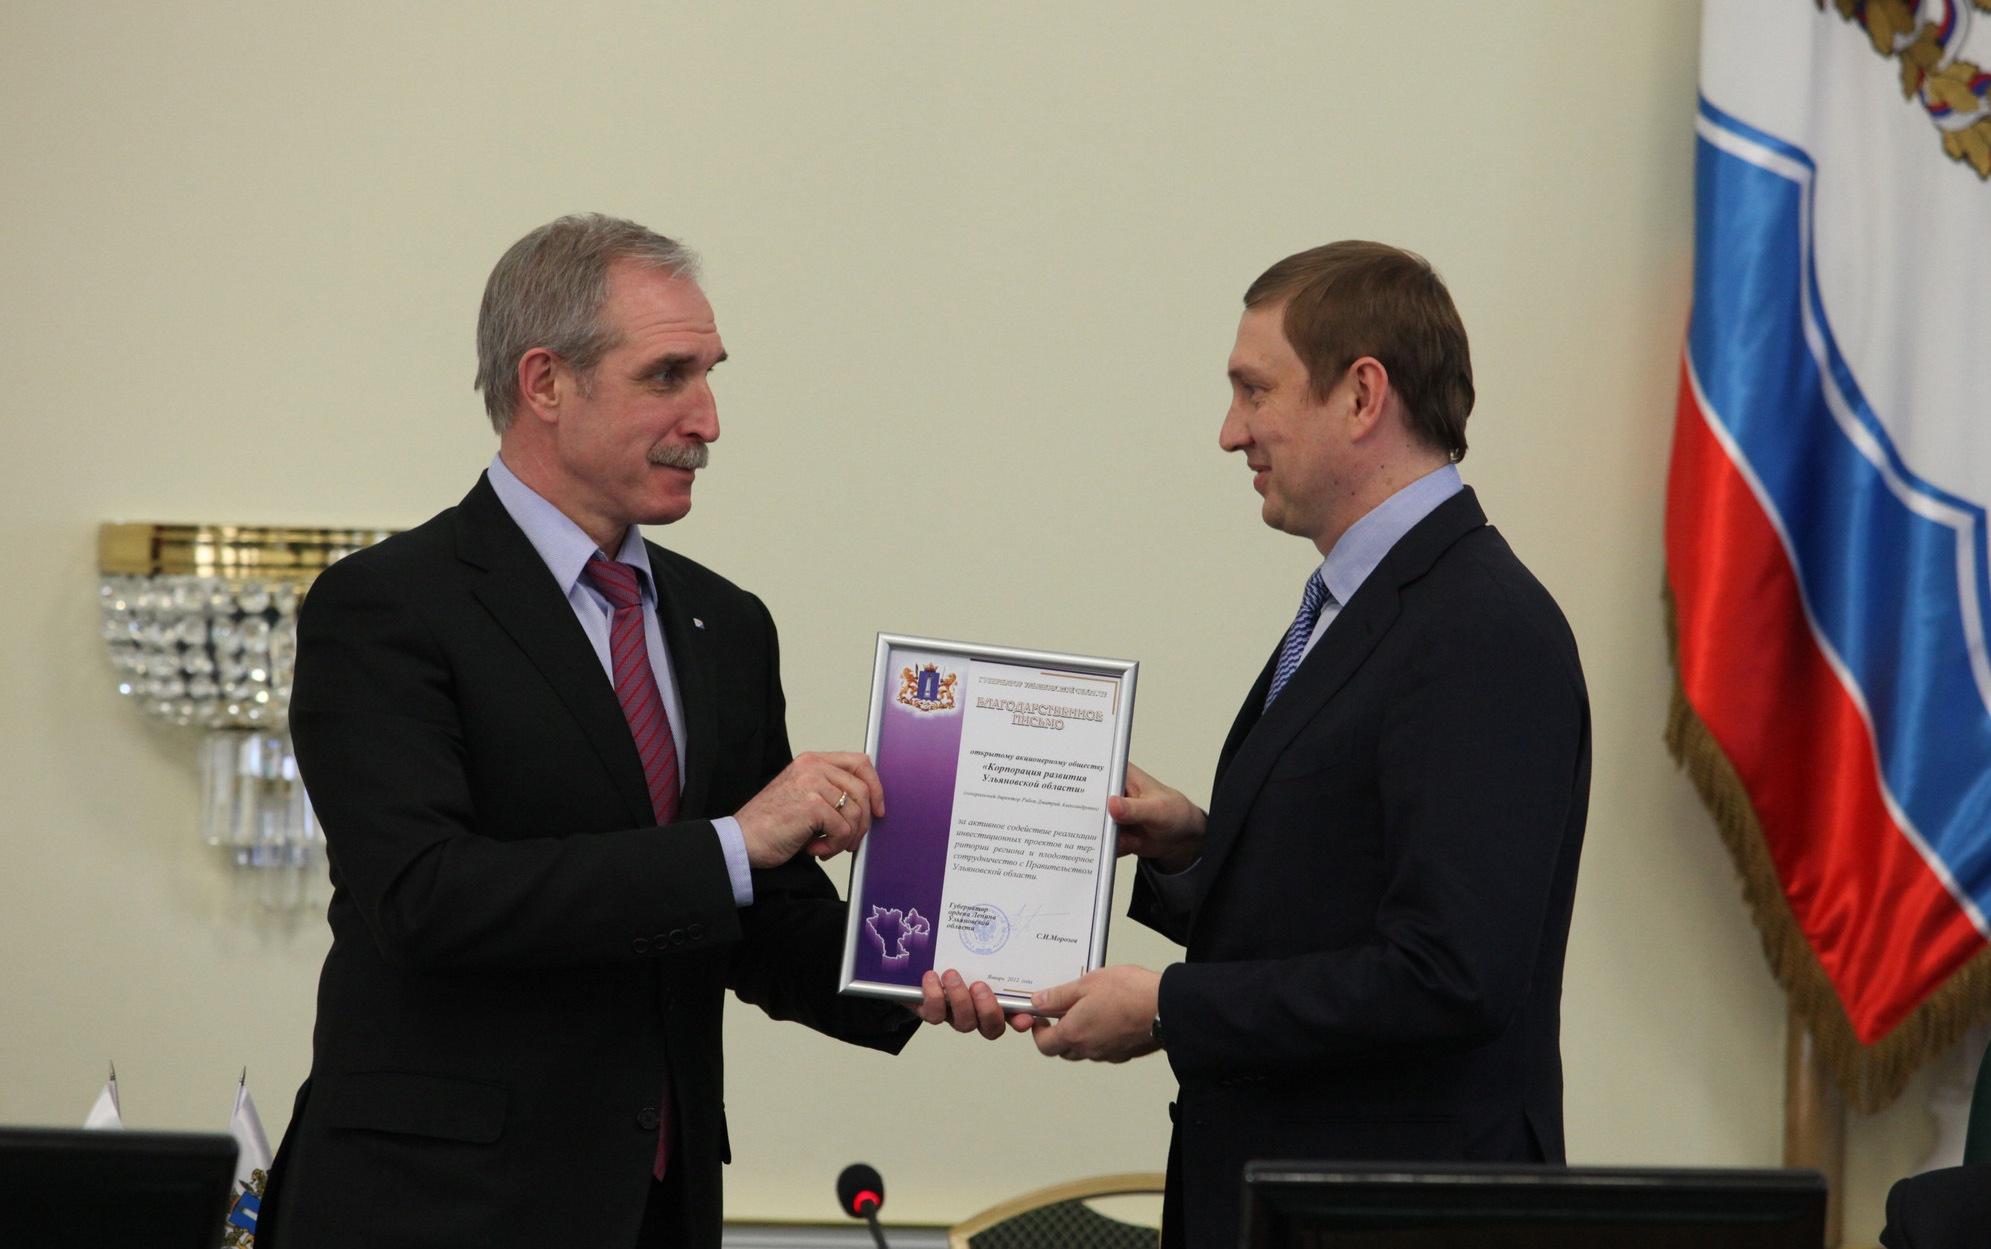 Балуев эдуард анатольевич осужден за мошенничество